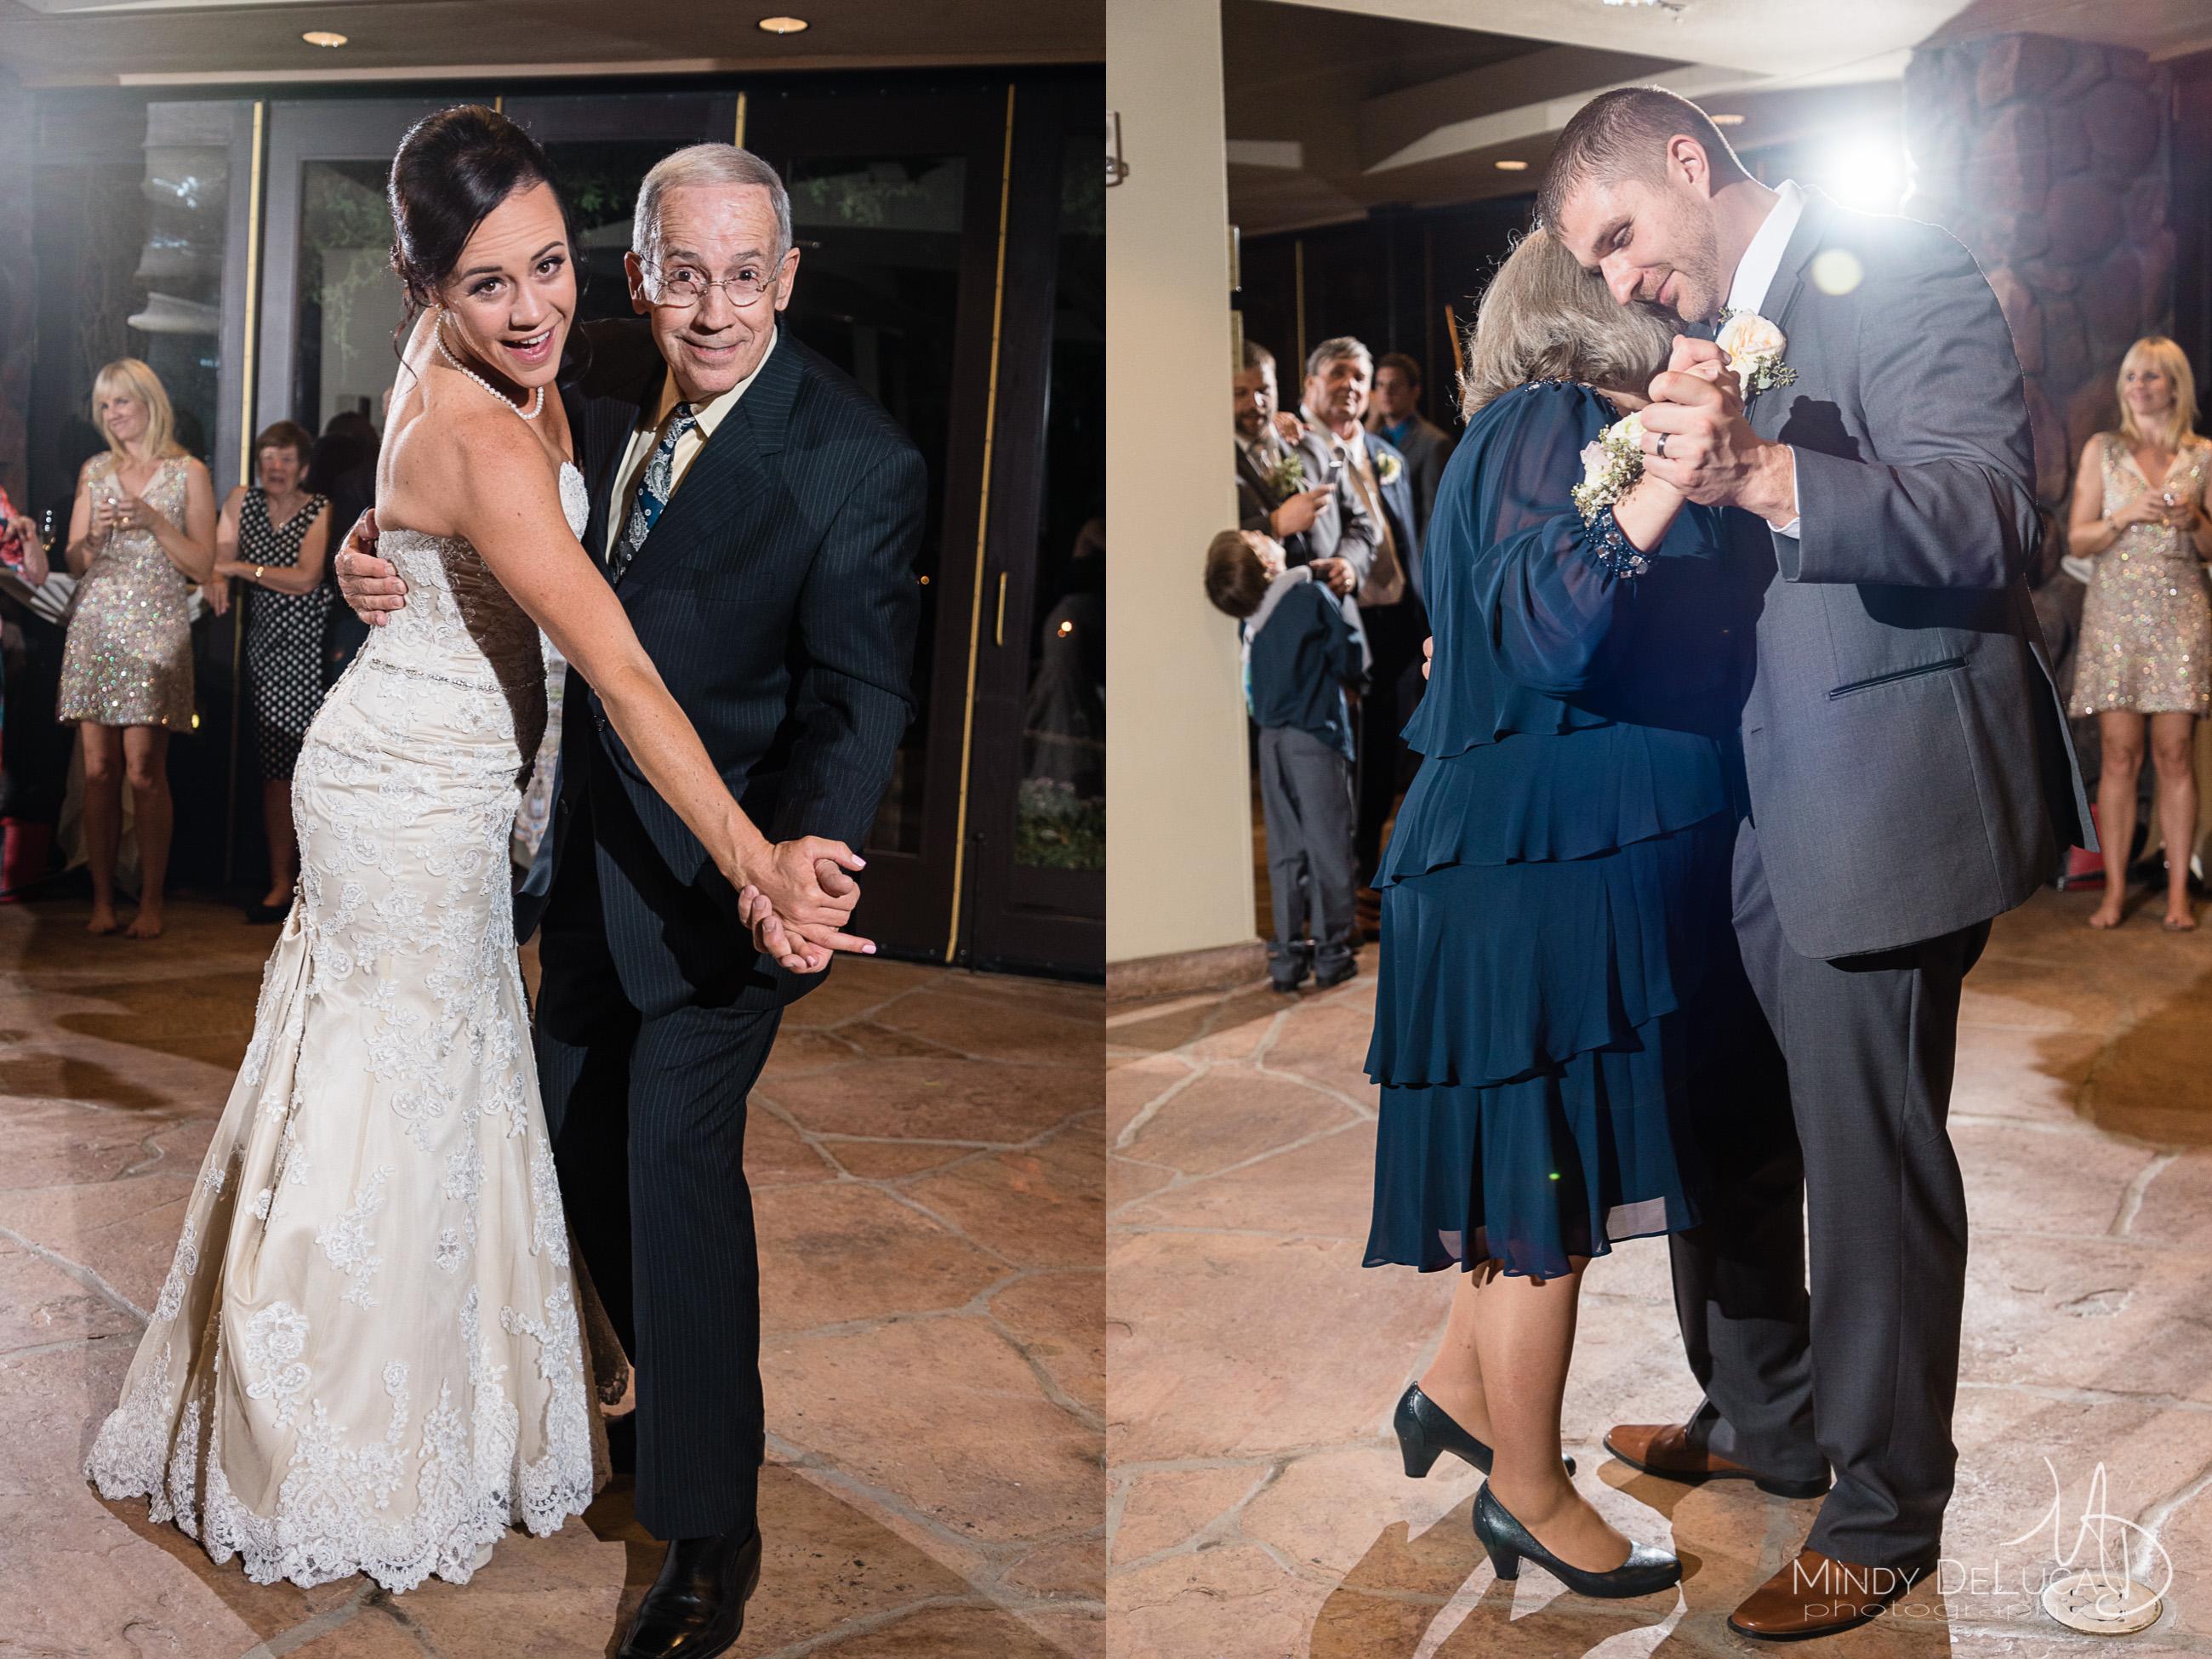 Cute parent wedding dances